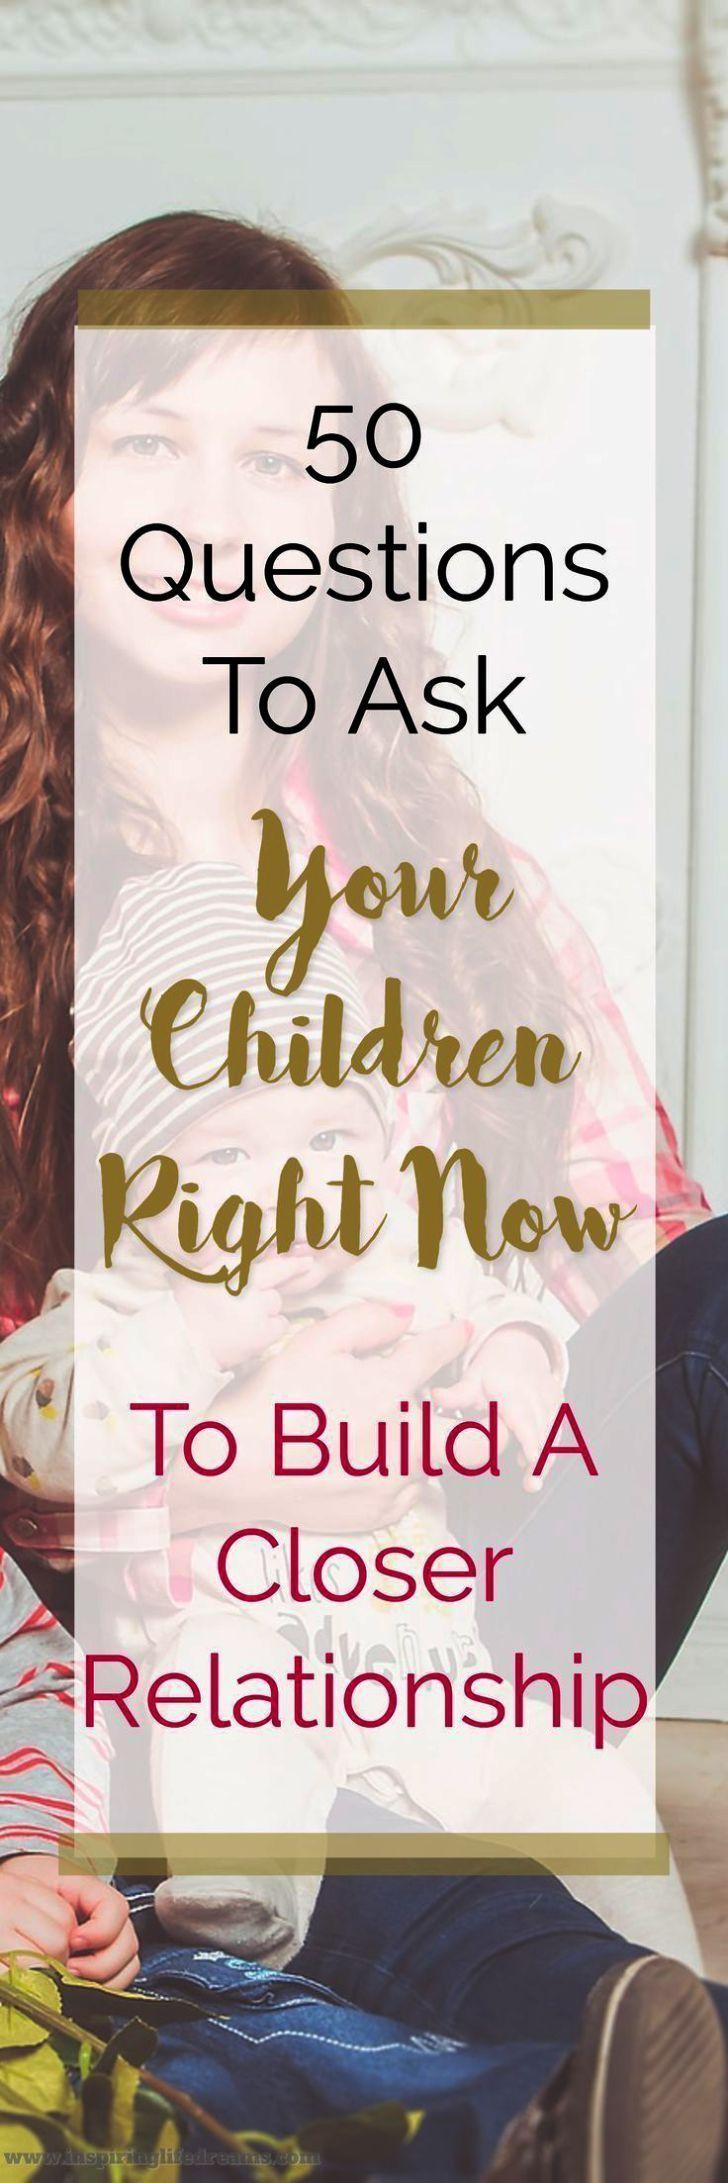 Parenting Sacrifice Quotes Parenting Classes Hayward Ca wherever Parenting Quot – parenting quotes